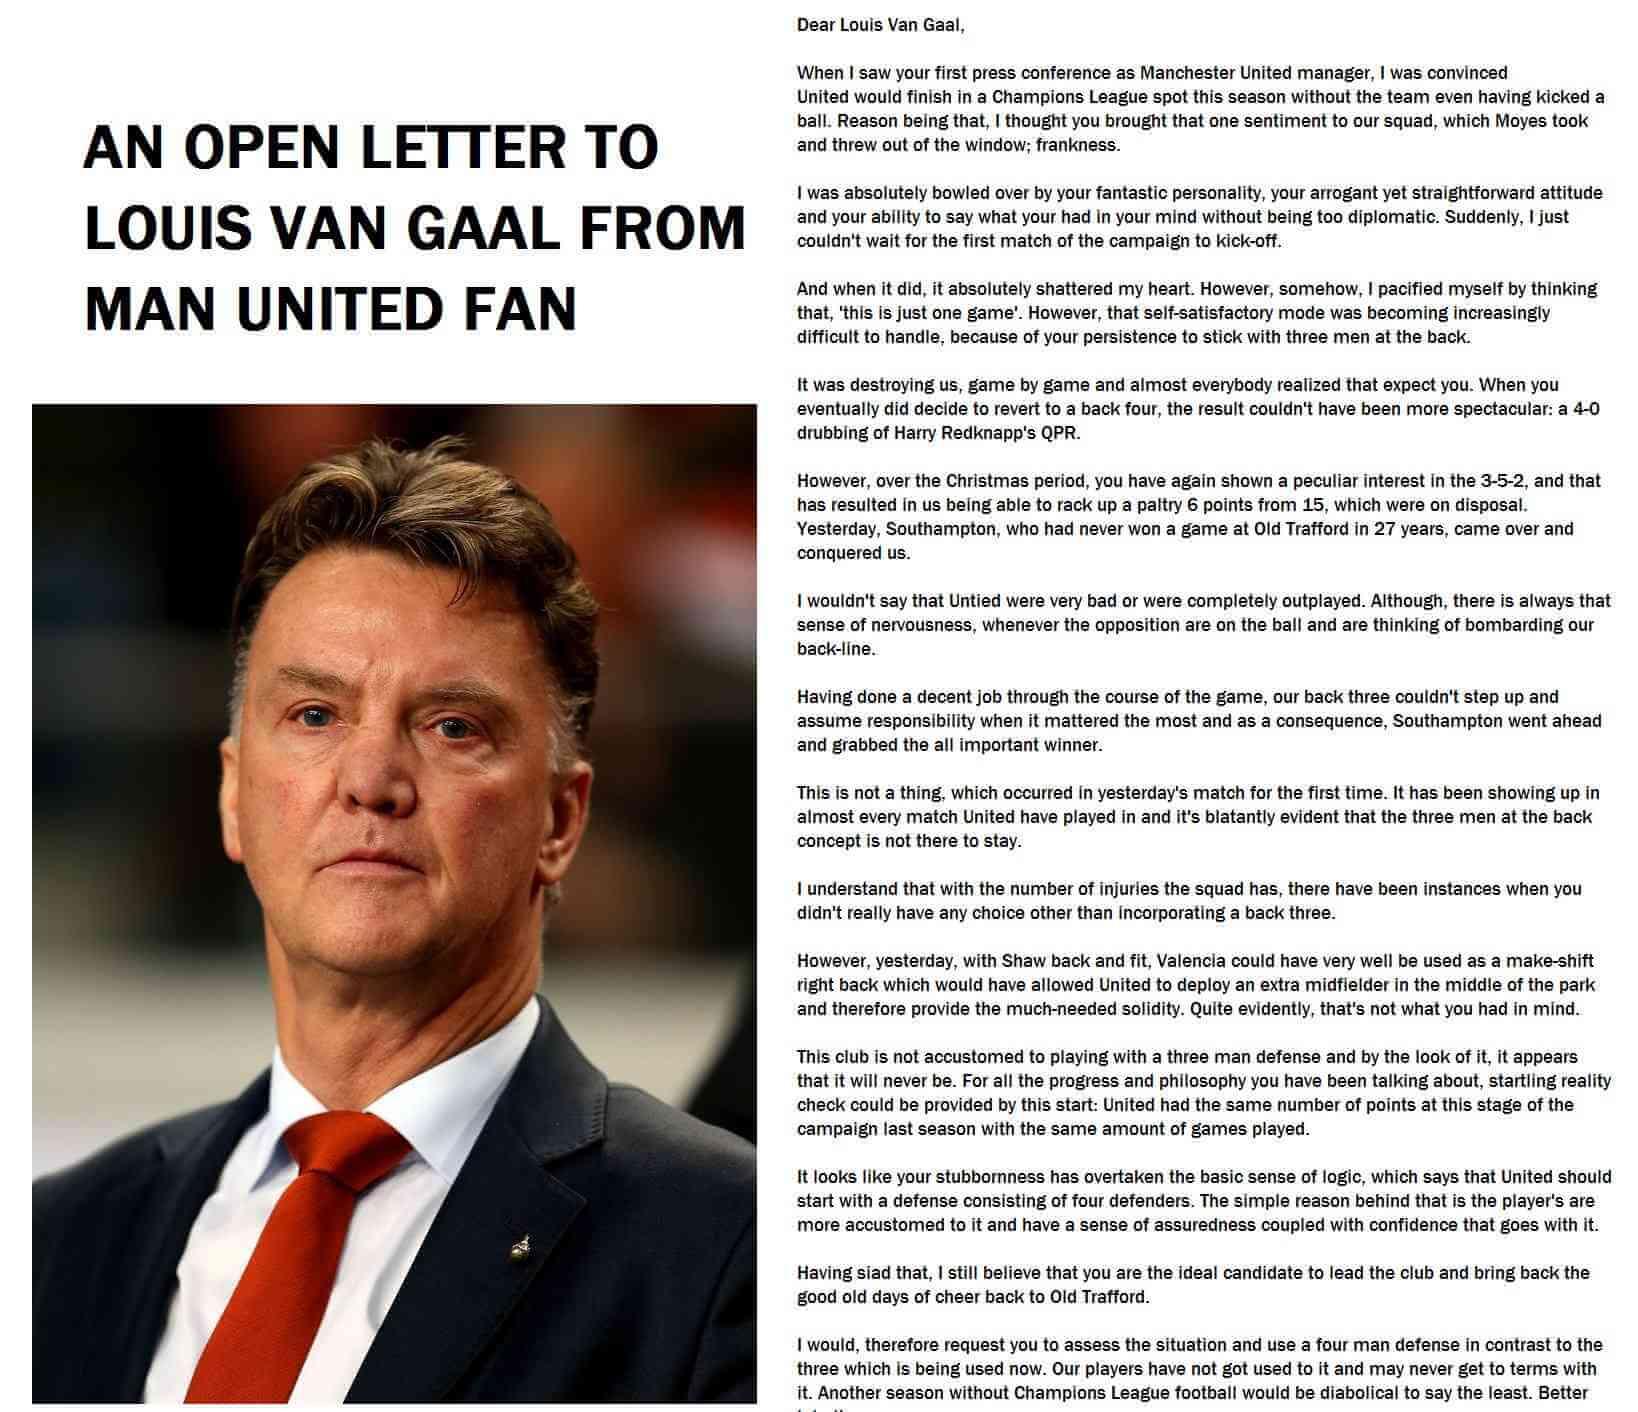 An open letter to Louis Van Gaal